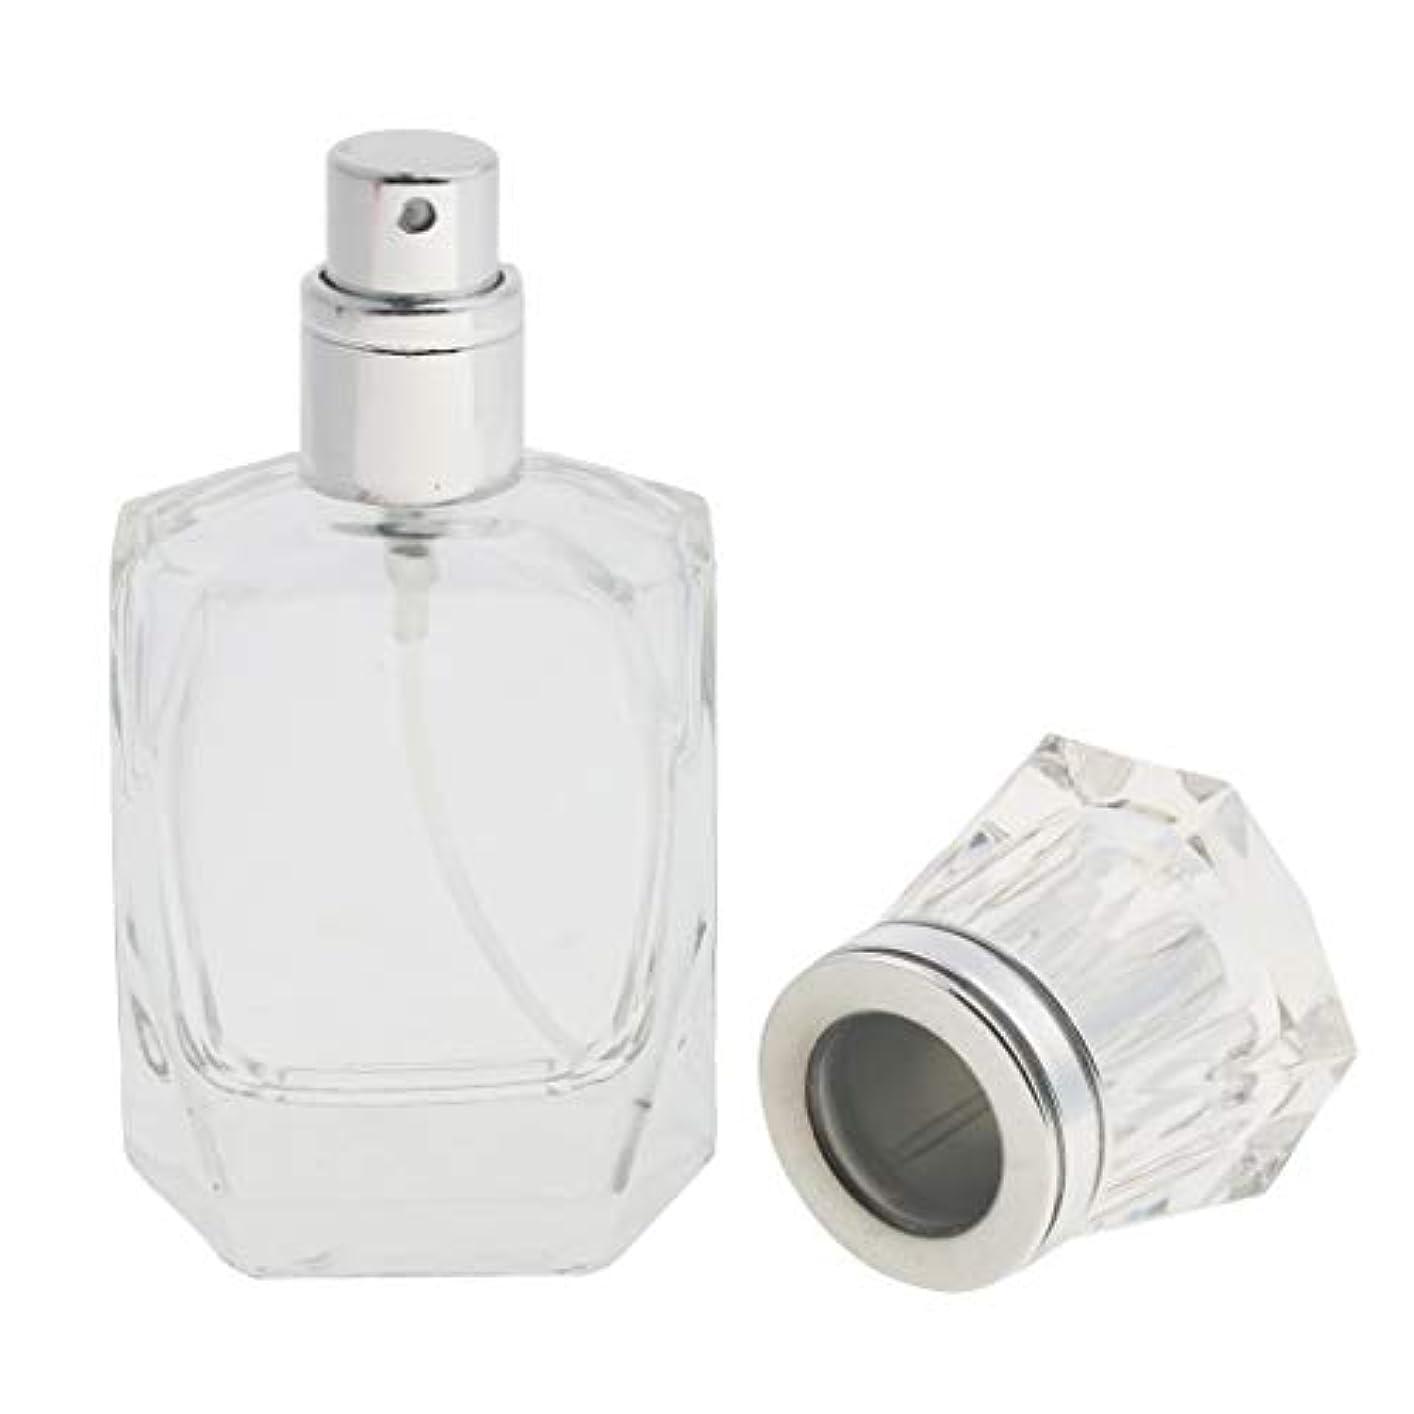 楽観的補償コンテスト香水ボトル 化粧ボトル ガラス ミストボトル 30ml クリア 旅行小物